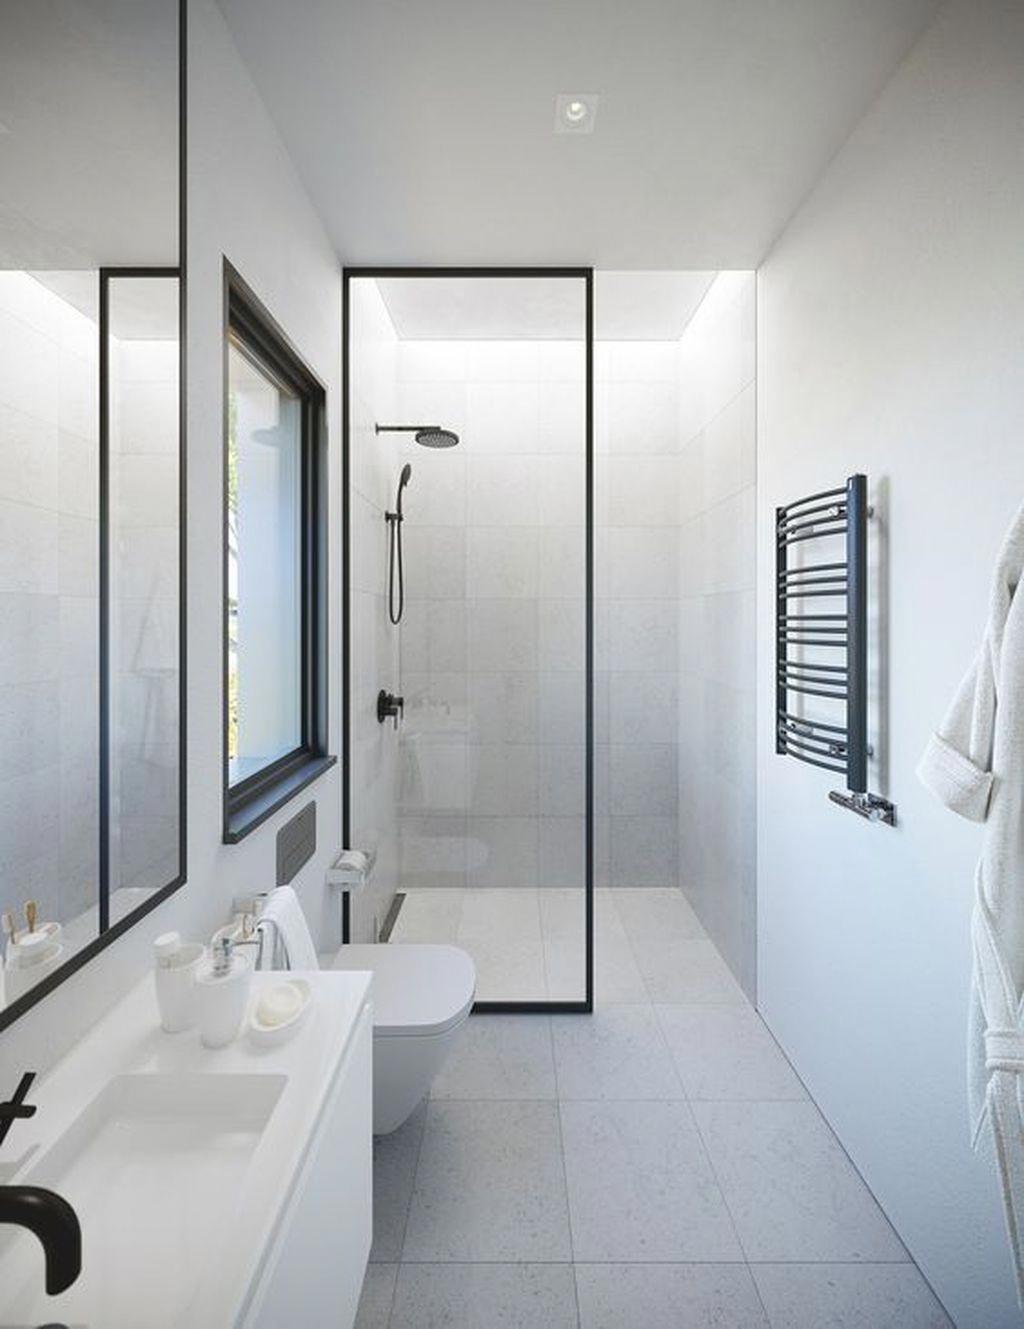 Modernbathroomsmall In 2020 Minimalistische Badgestaltung Badezimmer Innenausstattung Bad Styling